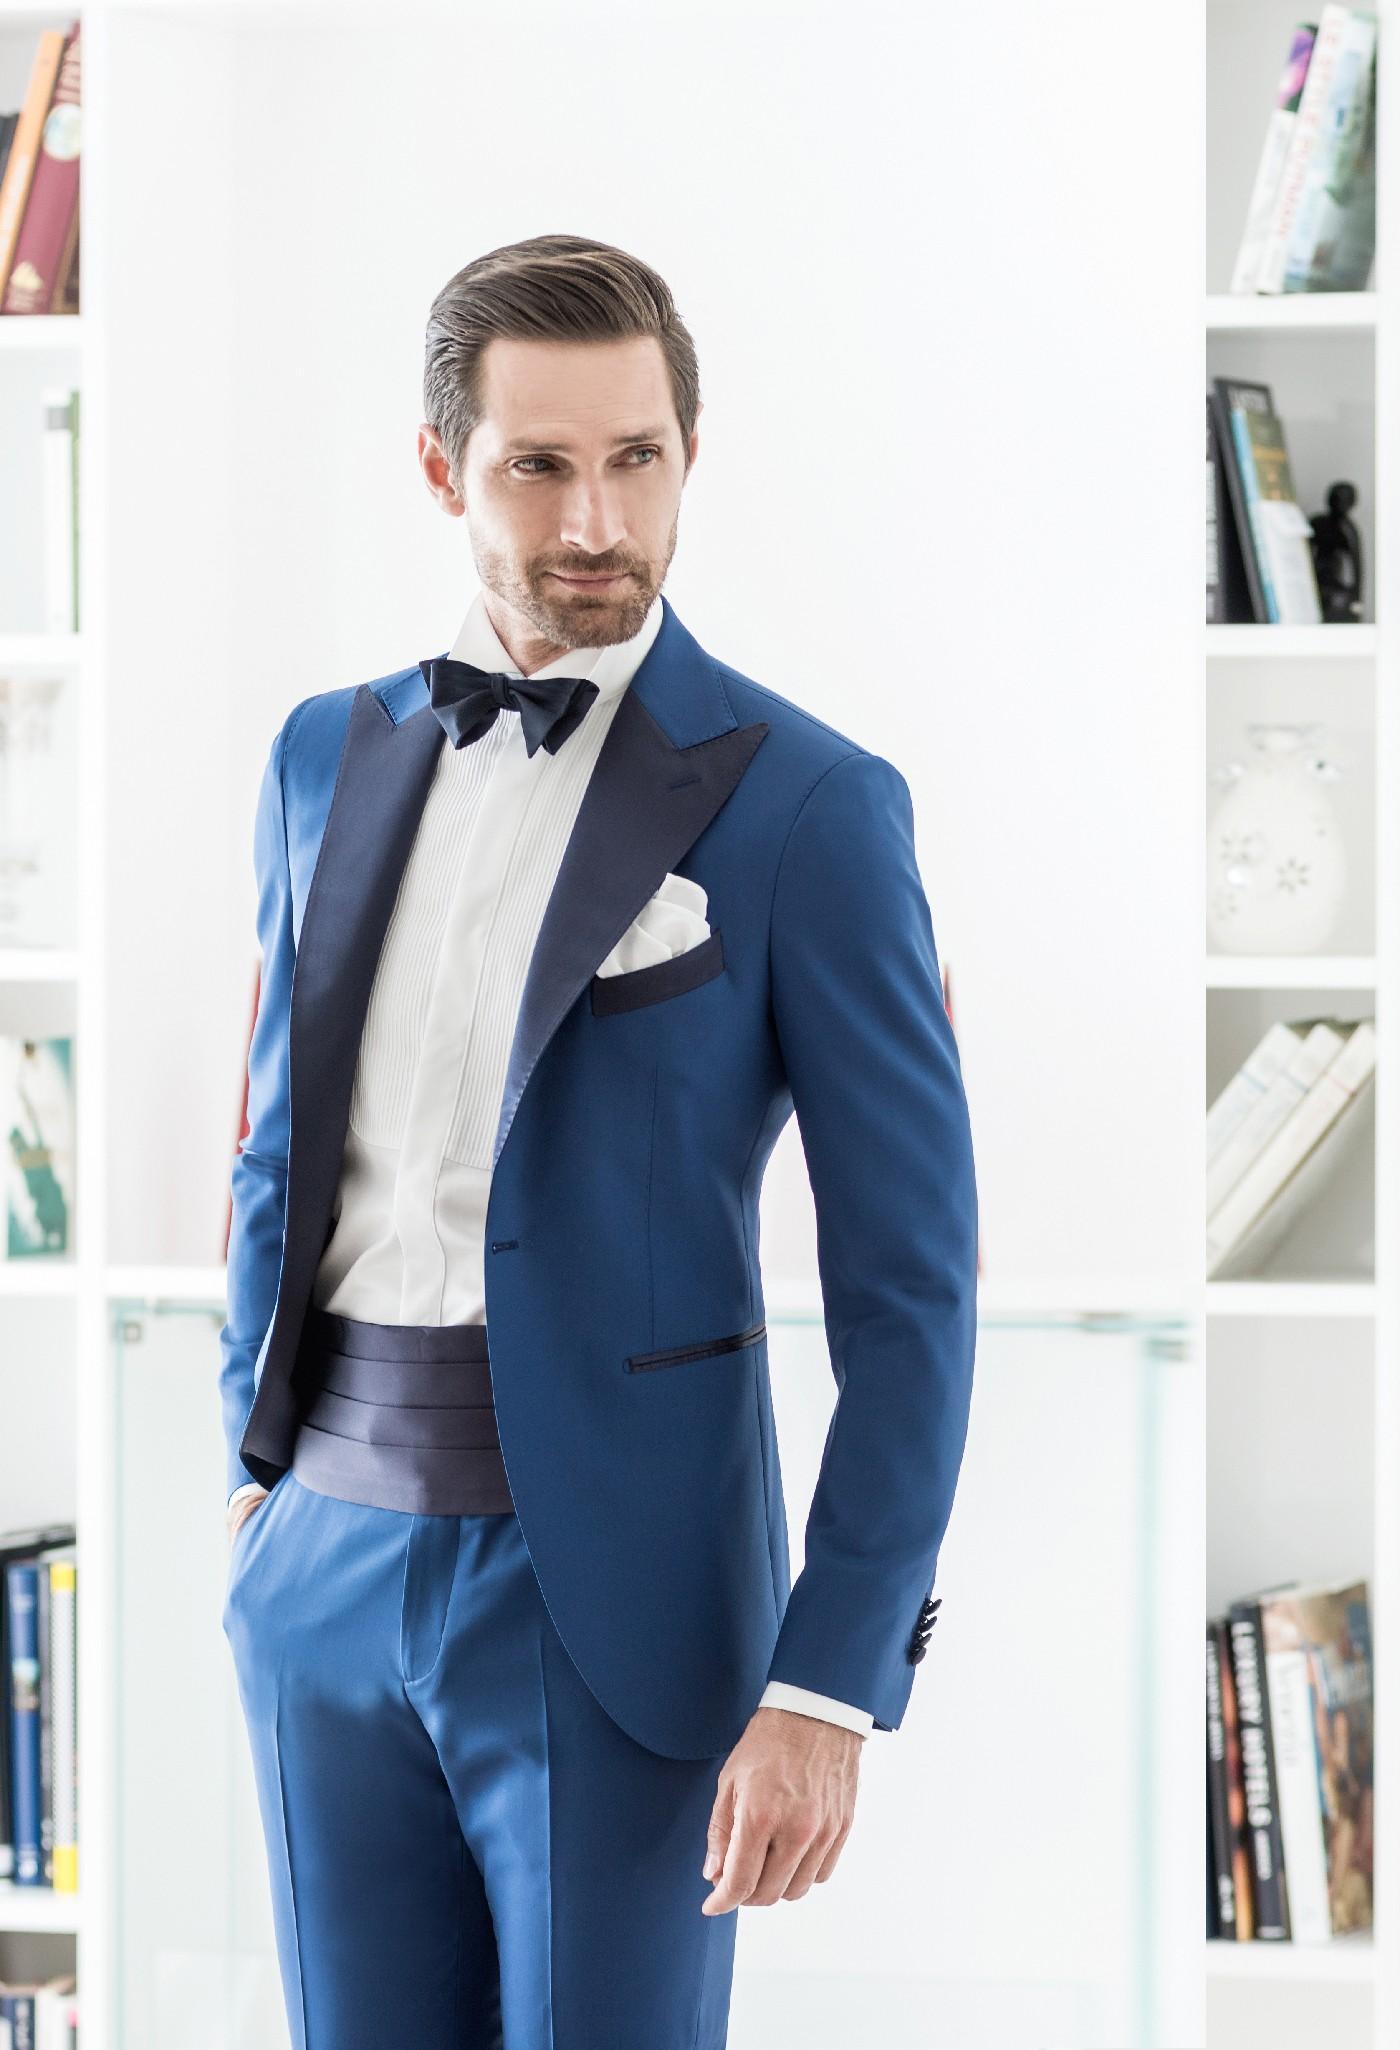 Blue Wedding Suits For Men Three Piece Suit Black Peaked Lapel Men ...